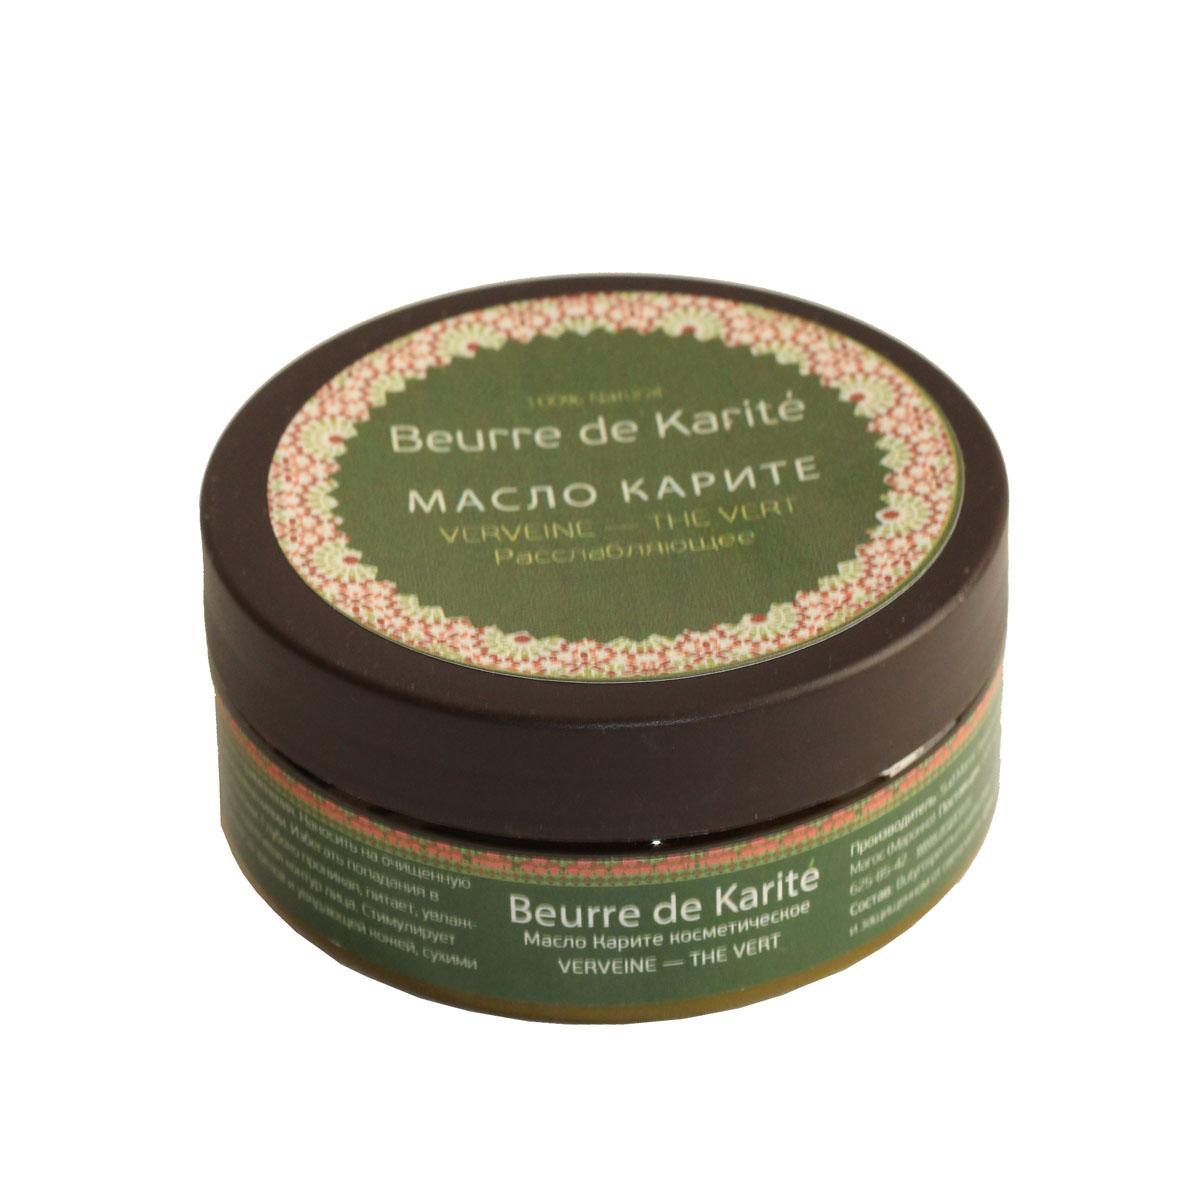 Дом Арганы Масло Карите Зеленый чай - вербена, косметическое, расслабляющее, 150 мл70568Содержит биологически активные компоненты эфирных масел вербены и зеленого чая, являющихся природными стимуляторами биохимических процессов в жировых клетках. Вербена омолаживает и разглаживает кожу, тонизирует ее, устраняет дряблость, подтягивает кожу. Масло вербены - хороший антисептик, оно благоприятно влияет на лечение кожных заболеваний (сыпь и т.д.), устраняет потливость, дезодорирует кожу. Зеленый чай является прекрасным средством для укрепления волосяных луковиц, способствуют восстановлению структуры волос, делая их сильнее и позволяя забыть о секущихся кончиках. Композиция эфирных масел в сочетании с маслом карите, обладает регенерирующим и антивозрастным эффектом. Товар сертифицирован.